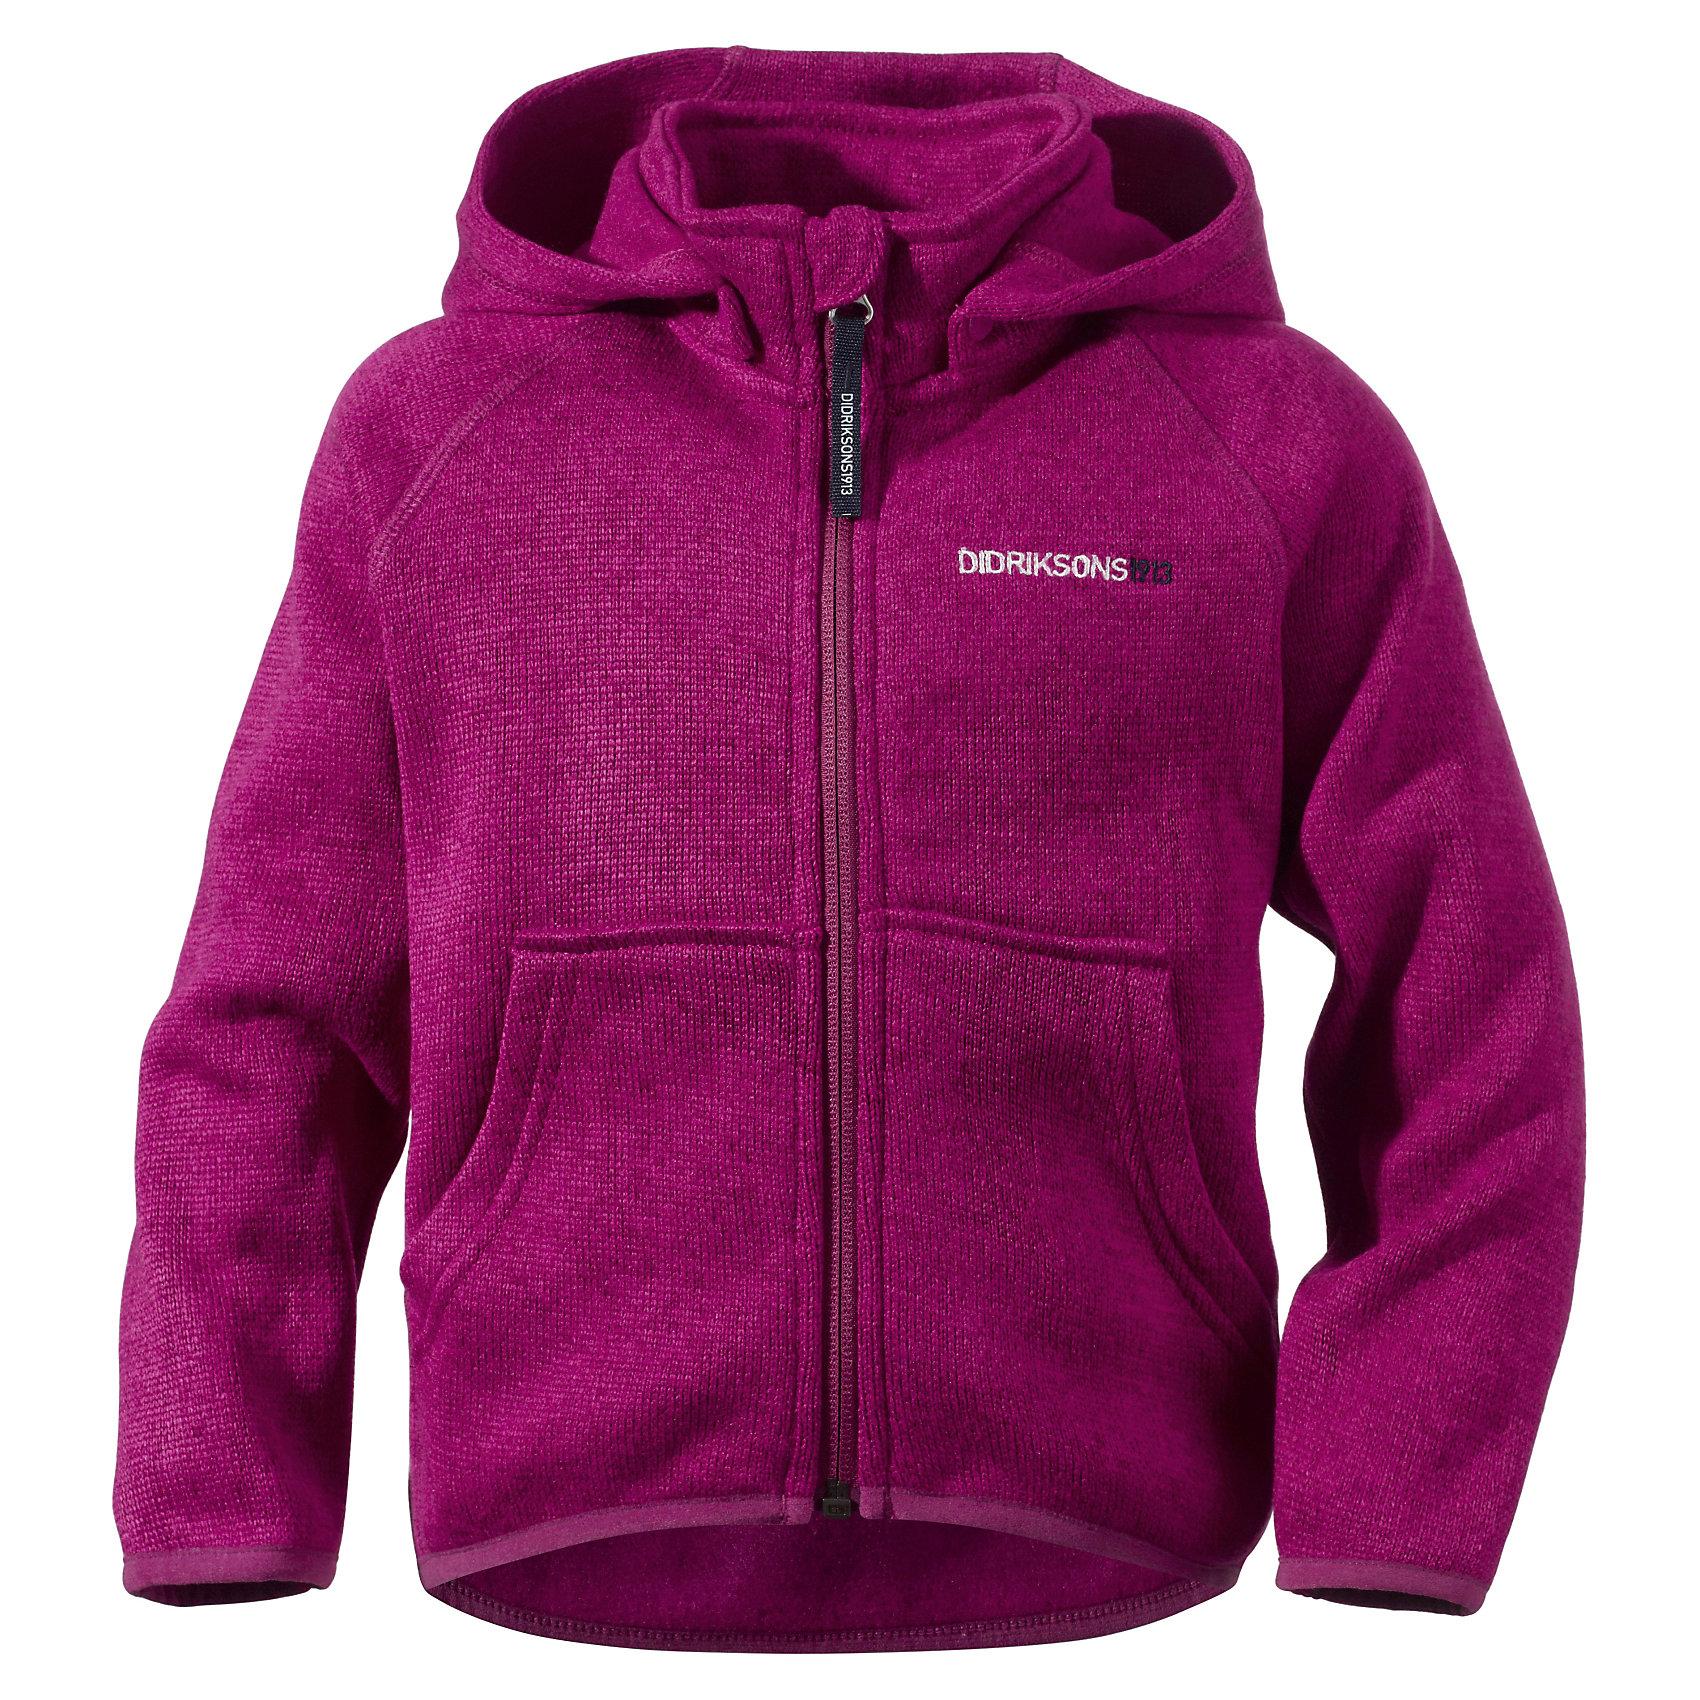 Куртка флисовая Etna для девочки DIDRIKSONSХарактеристики товара:<br><br>• цвет: фиолетовый<br>• материал: 100% полиэстер<br>• вязаный флис<br>• длинные рукава<br>• украшена вышивкой<br>• карманы кенгуру<br>• съемный капюшон<br>• фронтальная молния<br>• страна бренда: Швеция<br>• страна производства: Китай<br><br>Такие мягкие куртки сейчас очень популярны у детей! Это не только стильно, но еще и очень комфортно, а также тепло. Такая качественная куртка обеспечит ребенку удобство при прогулках и активном отдыхе в прохладные дне, в межсезонье или зимой. Эта модель от шведского производителя легко стирается, подходит под разные погодные условия.<br>Куртка сшита из качественной мягкой ткани, которая позволяет телу дышать, она очень приятна на ощупь. Очень стильная и удобная модель! Изделие качественно выполнено, сделано из безопасных для детей материалов. <br><br>Куртку для девочки от бренда DIDRIKSONS можно купить в нашем интернет-магазине.<br><br>Ширина мм: 356<br>Глубина мм: 10<br>Высота мм: 245<br>Вес г: 519<br>Цвет: фиолетовый<br>Возраст от месяцев: 84<br>Возраст до месяцев: 96<br>Пол: Женский<br>Возраст: Детский<br>Размер: 130,120,110,100,80,140<br>SKU: 5043963